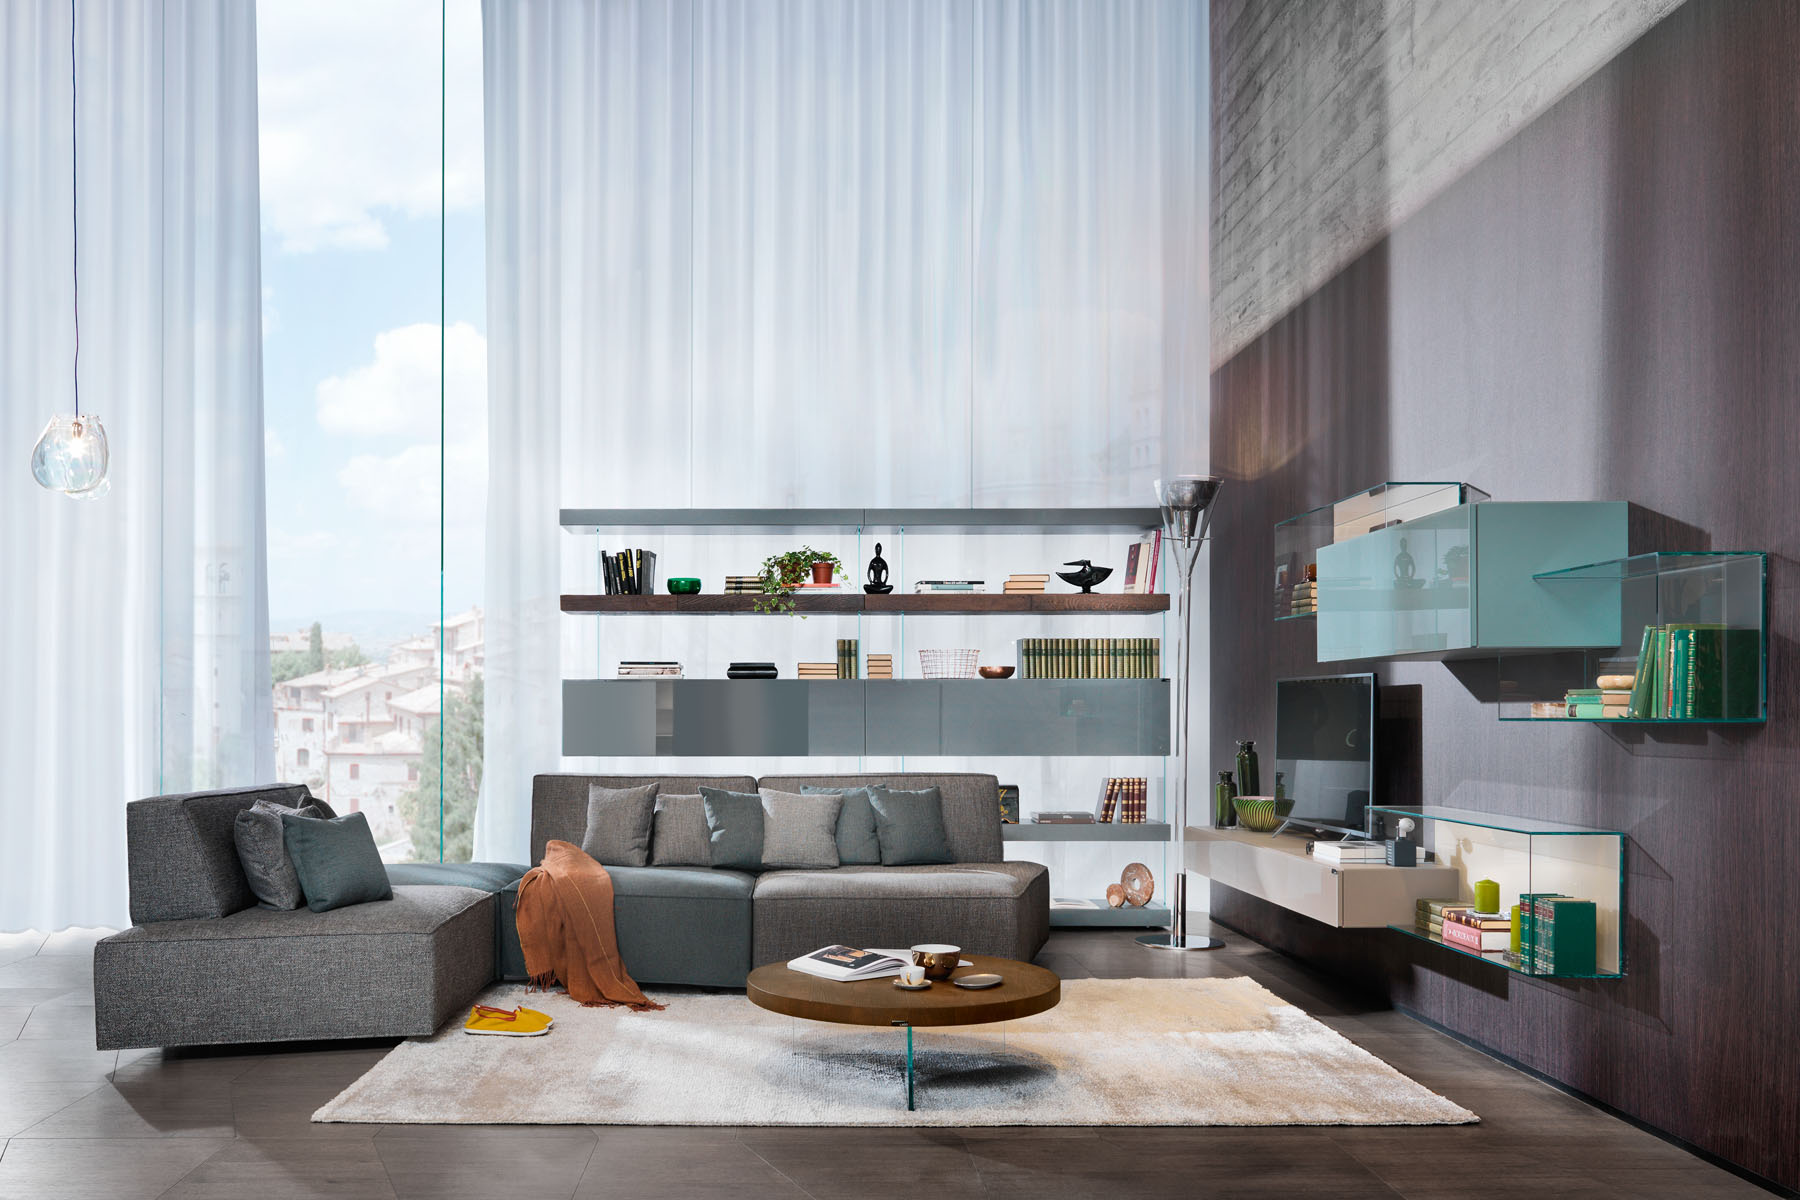 Spazio soluzioni idee per la casa for Soluzioni d arredo soggiorno